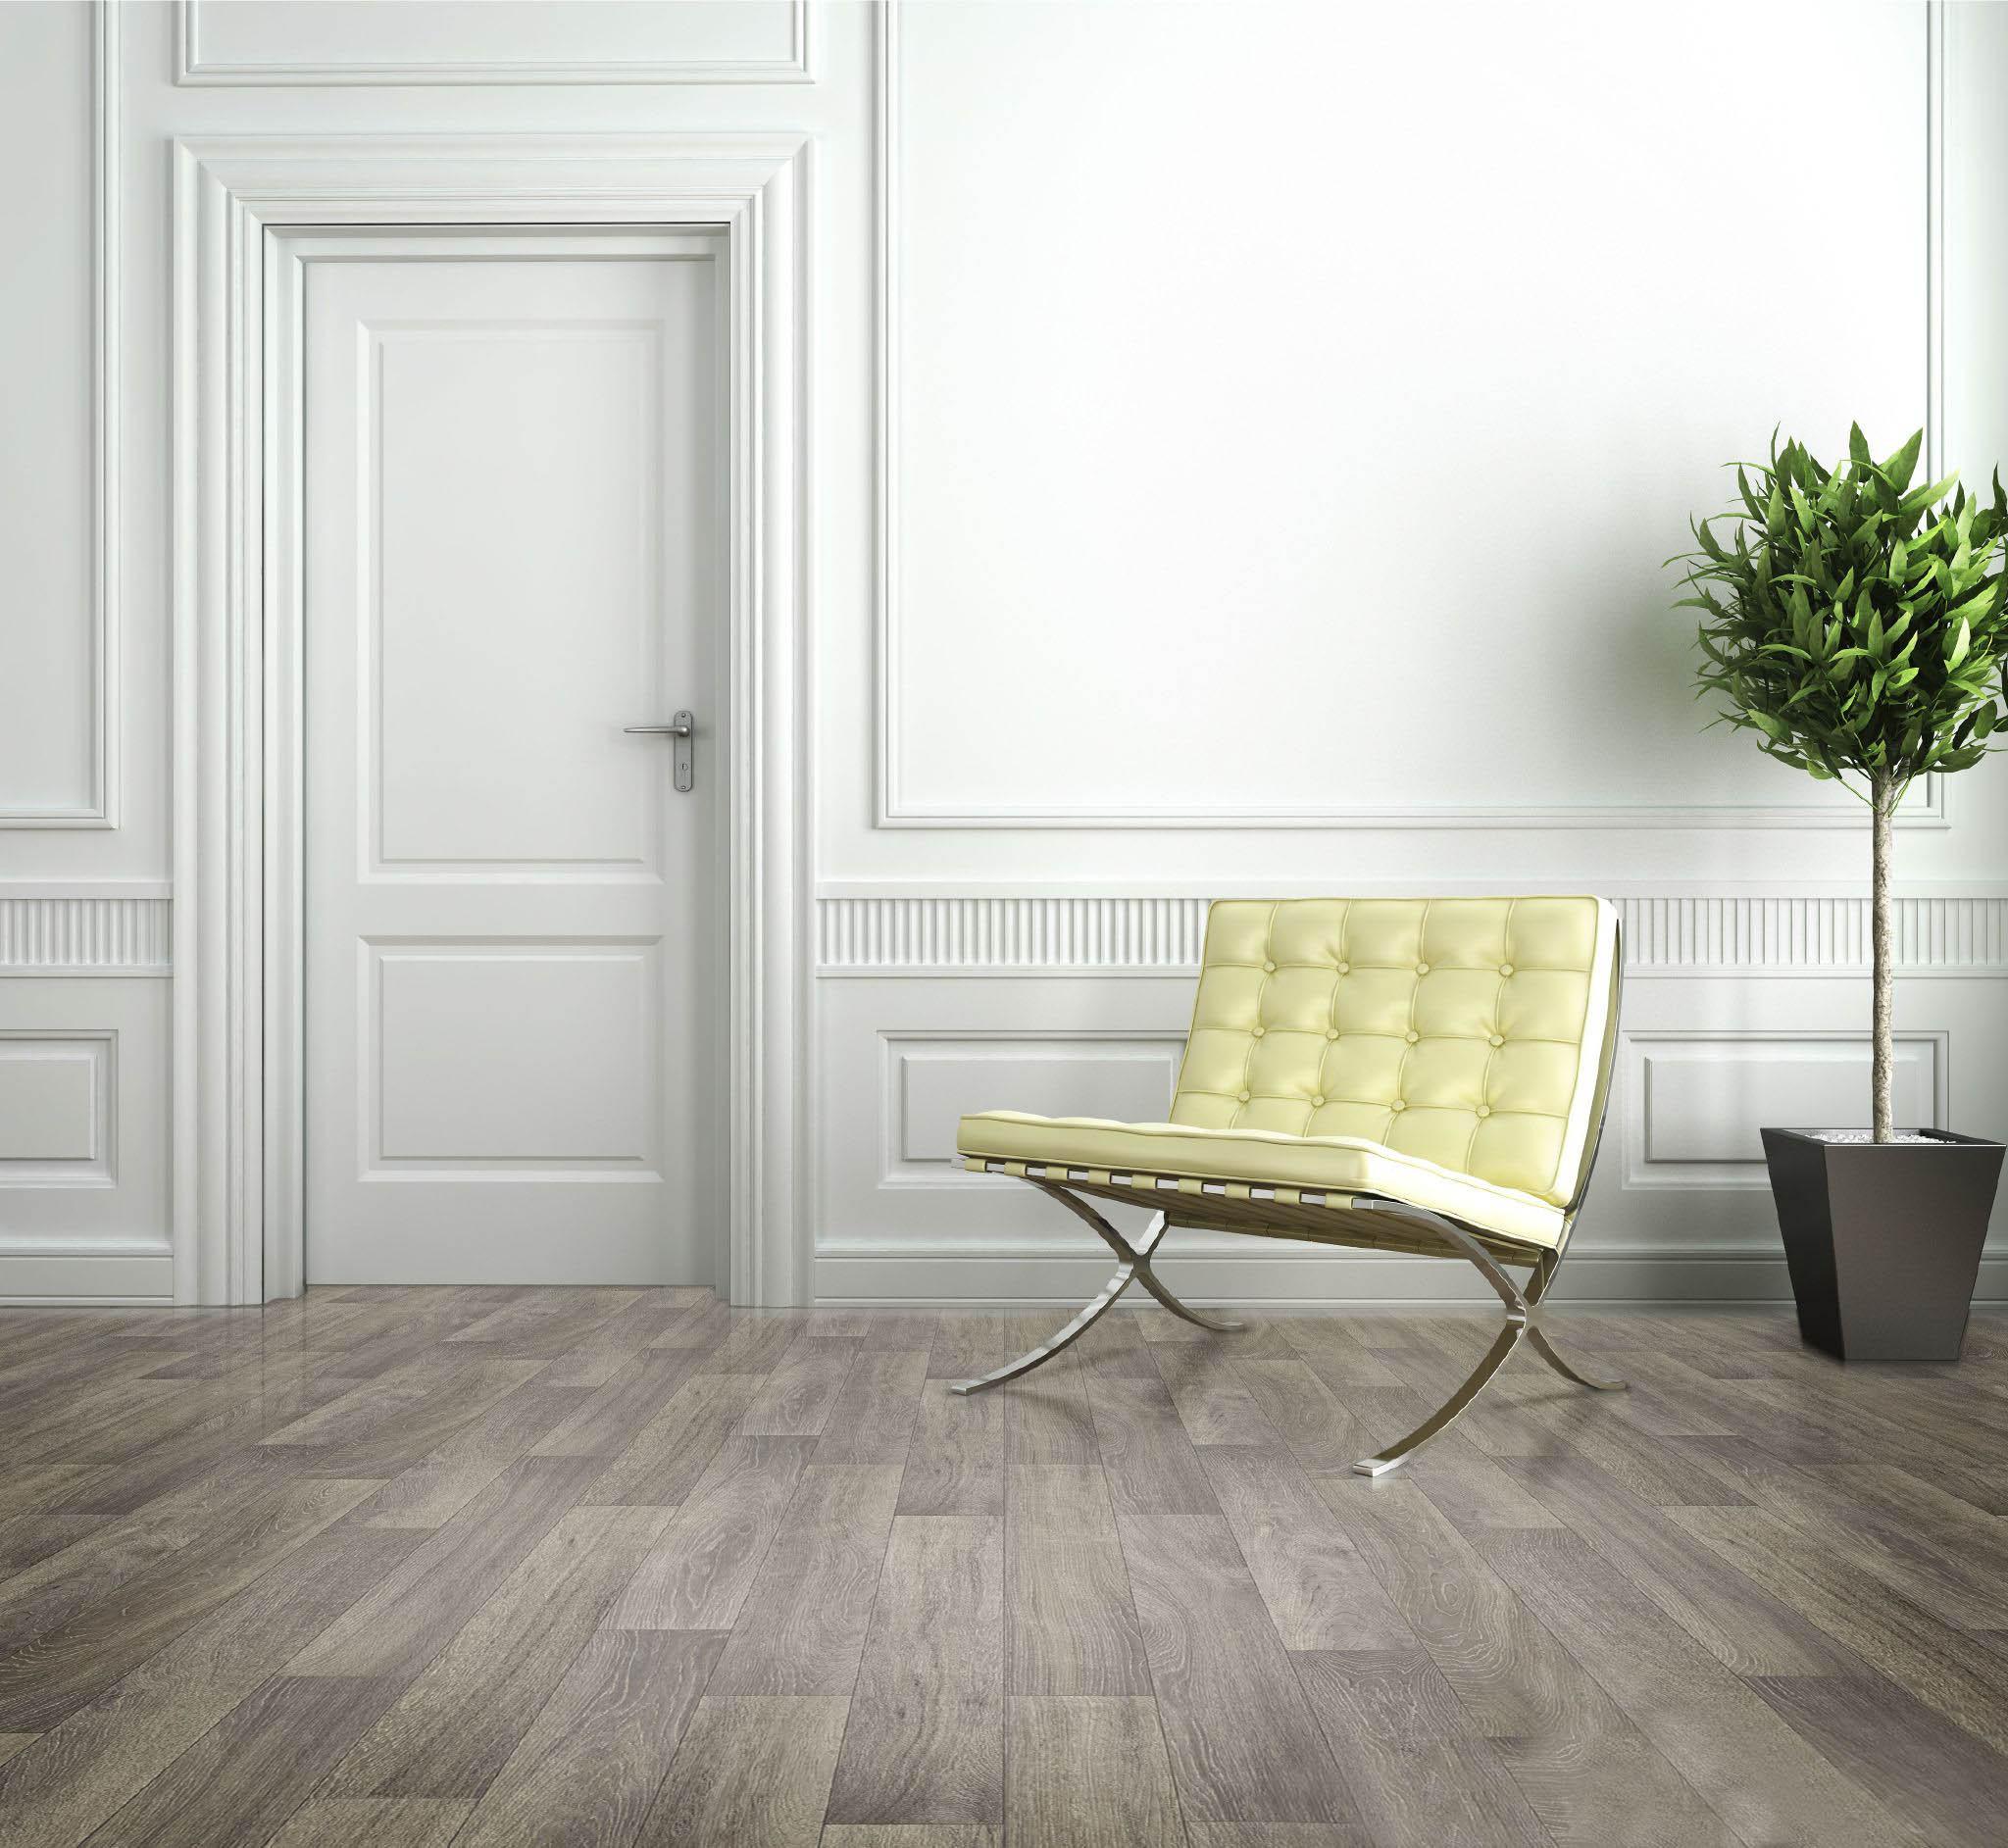 hanflor pvc tile vinyl plank anti-slip water proof flooring granite looking slate long-lasting sound absorption